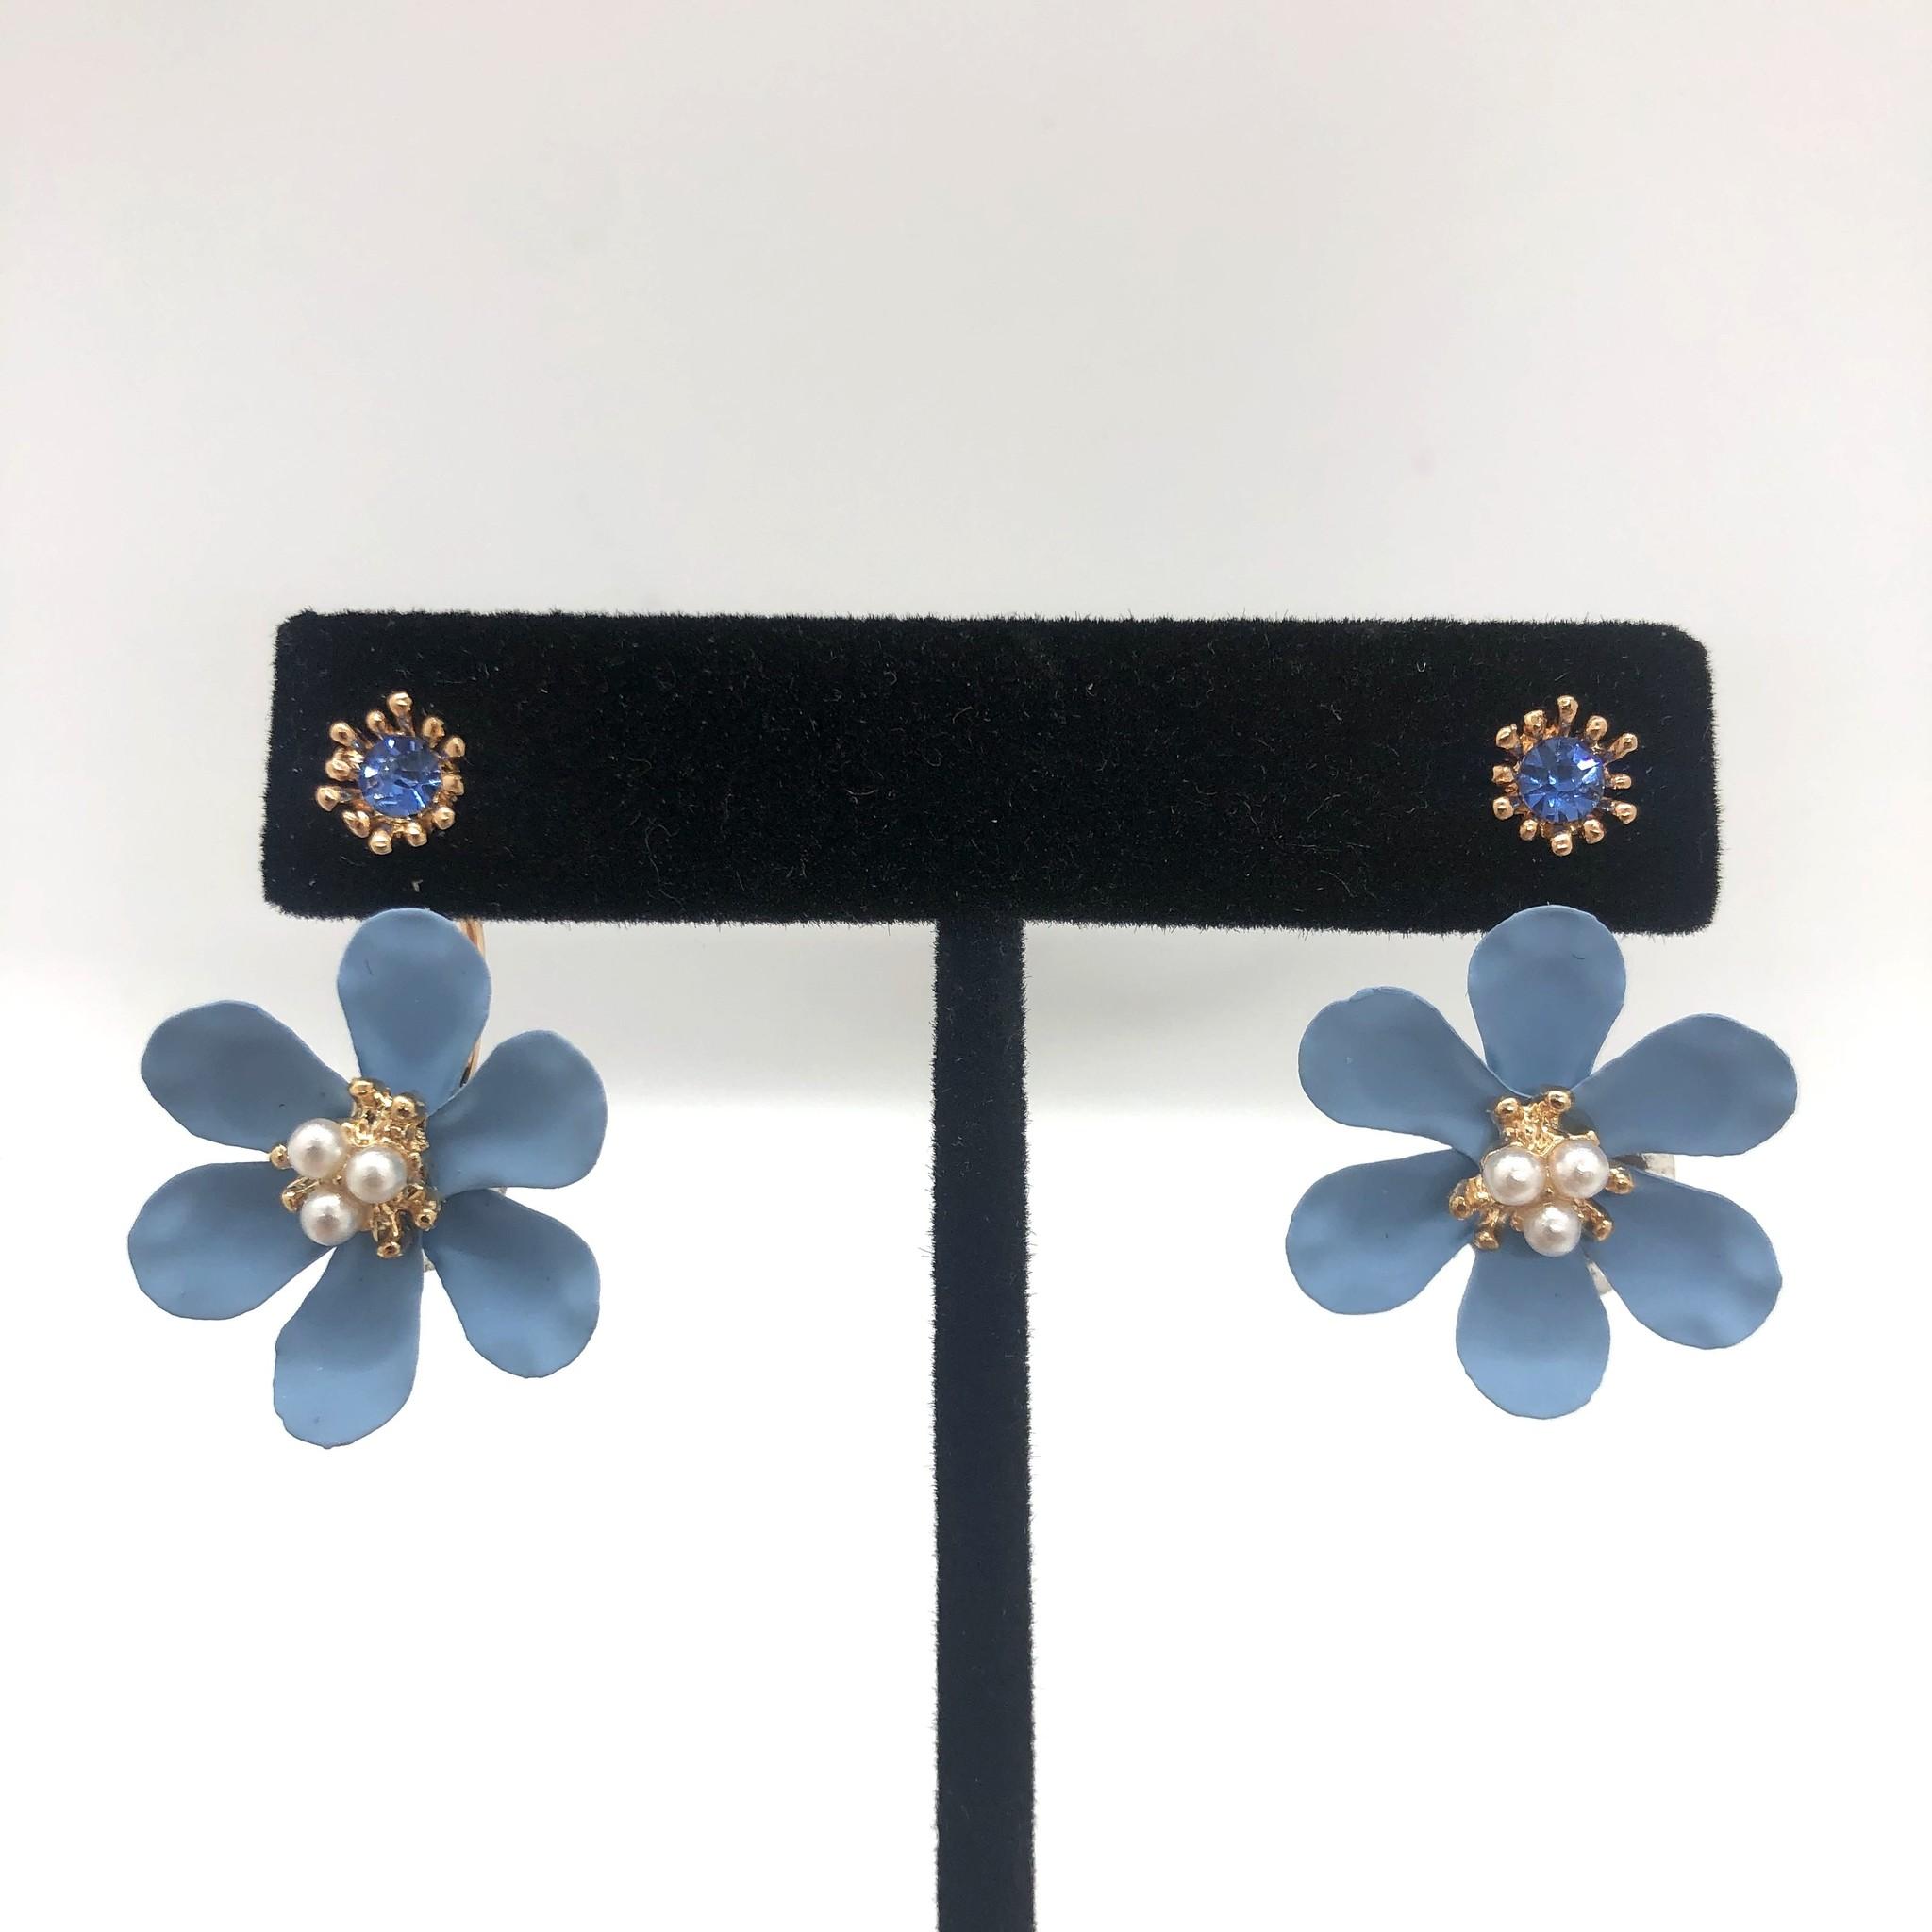 Sooley Designs Gem and Pearl Drop Back Flower Earrings